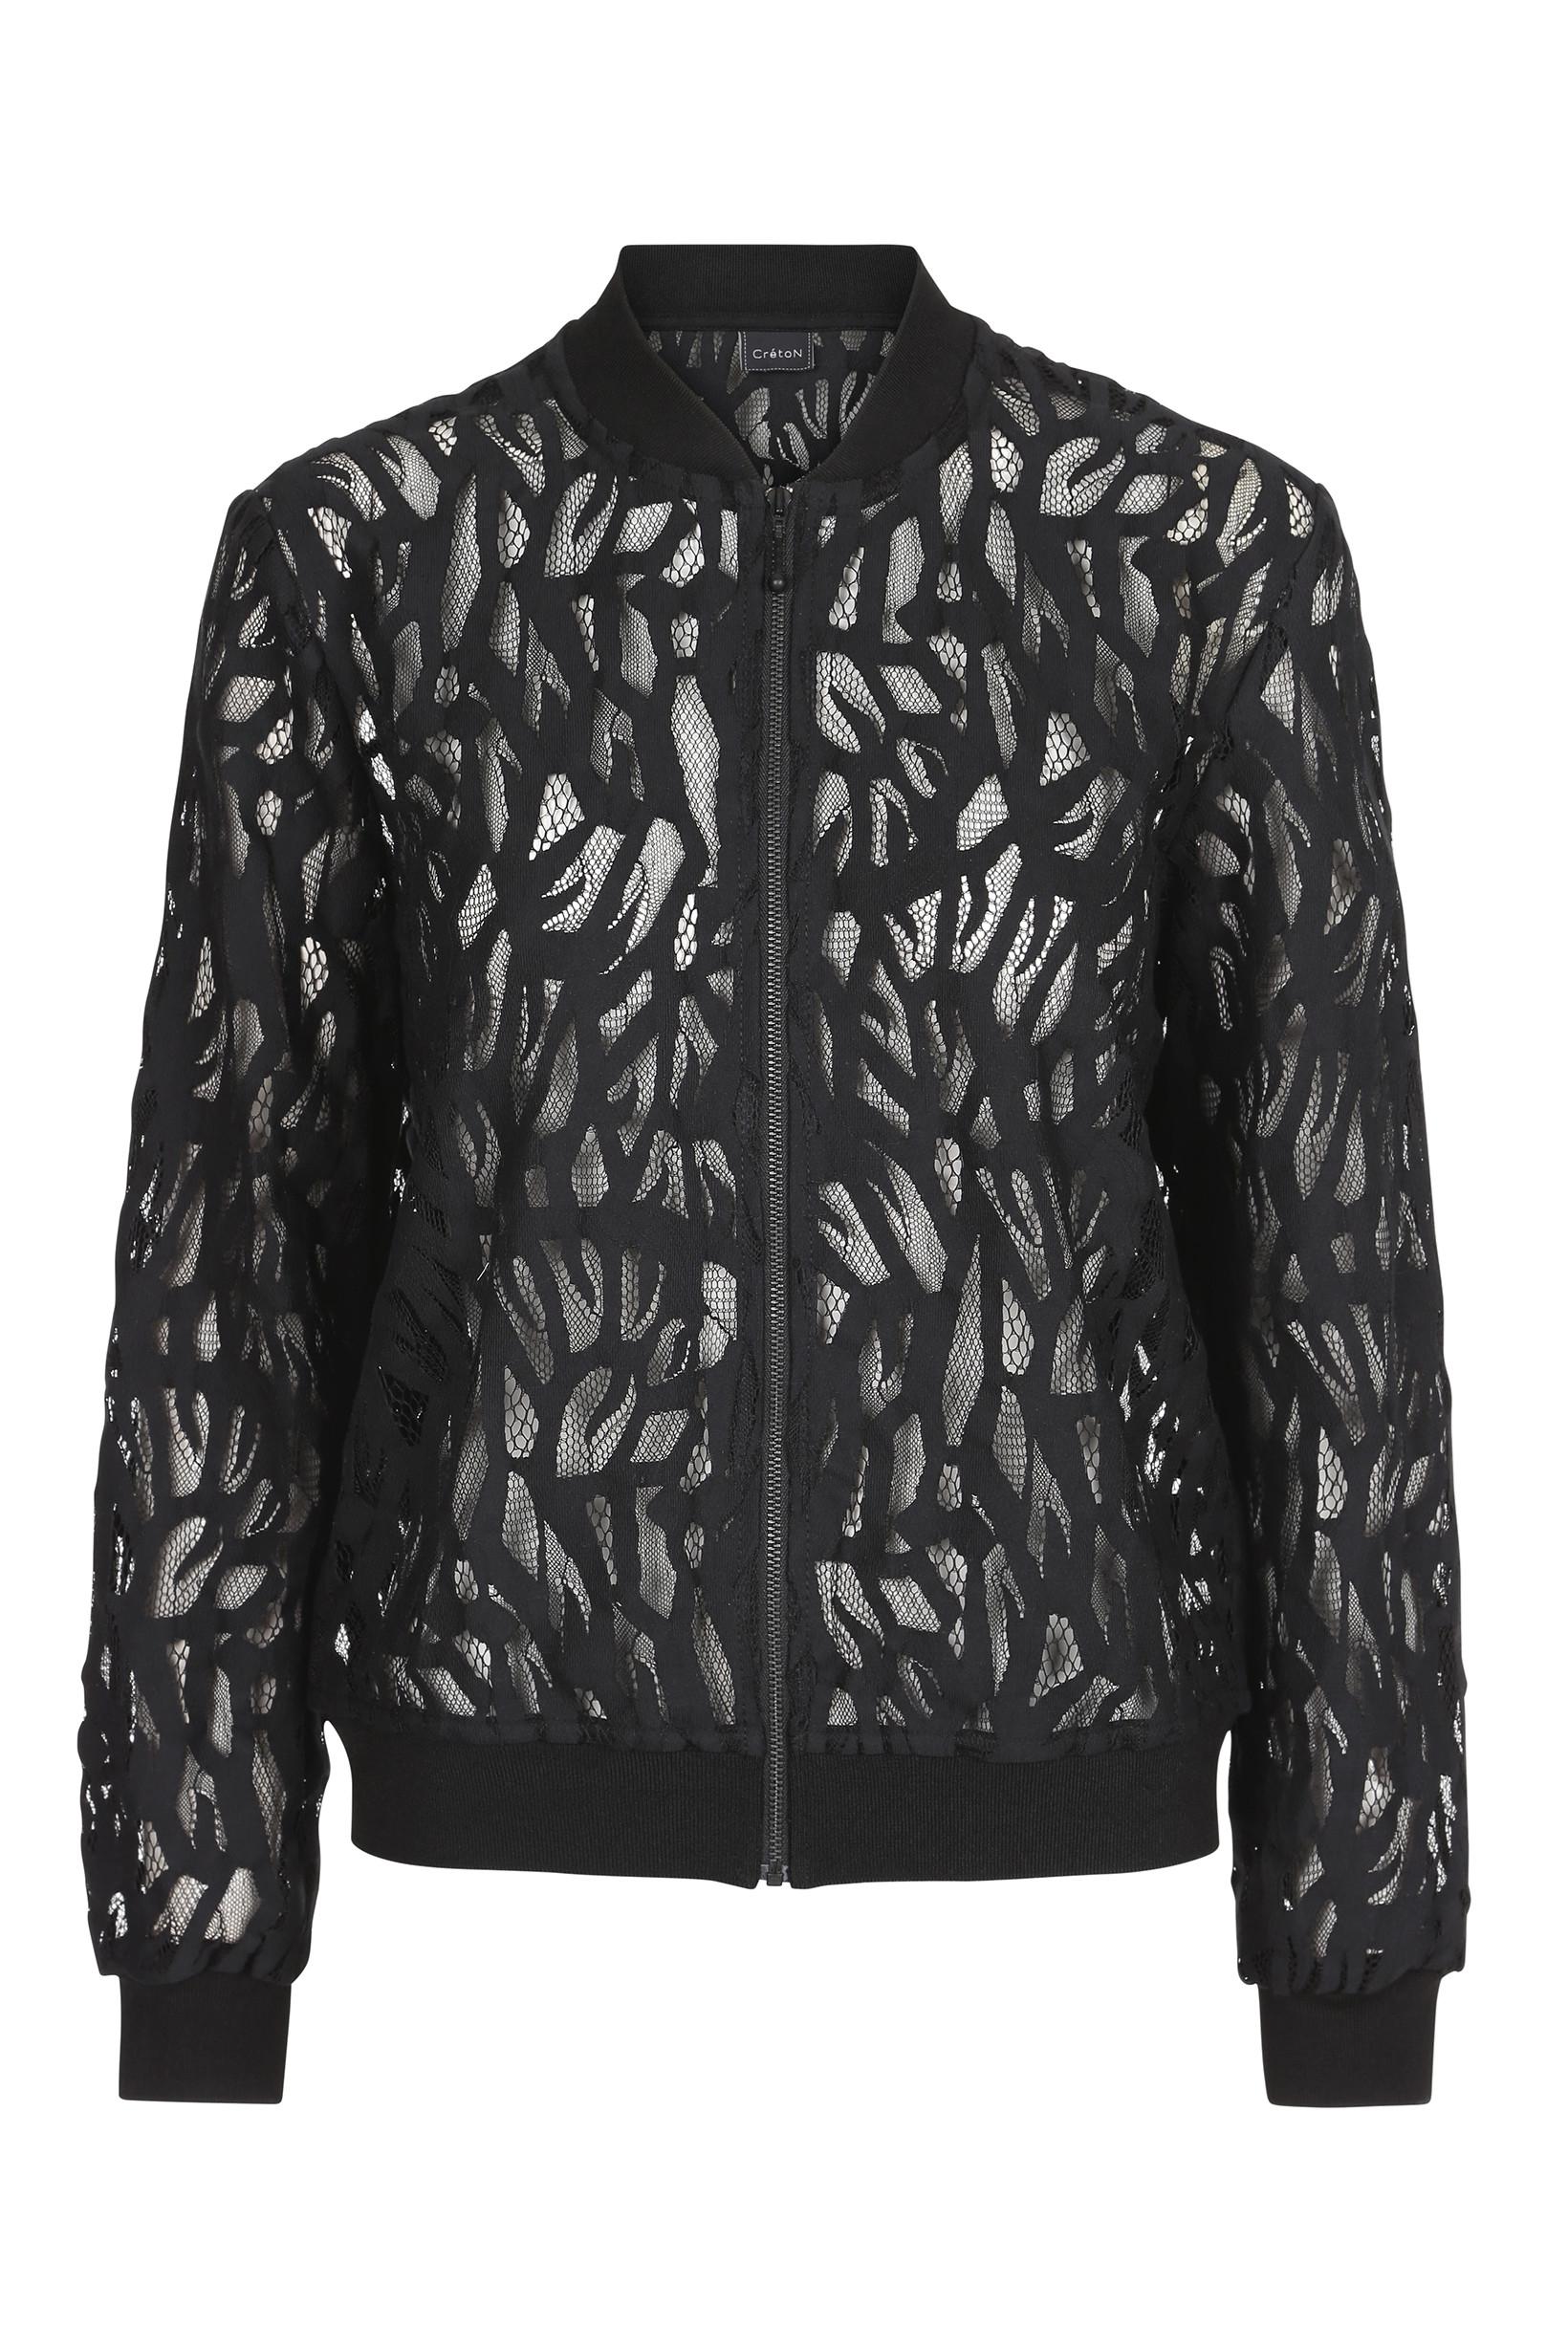 CRÉTON Bombii jakke » Køb den her